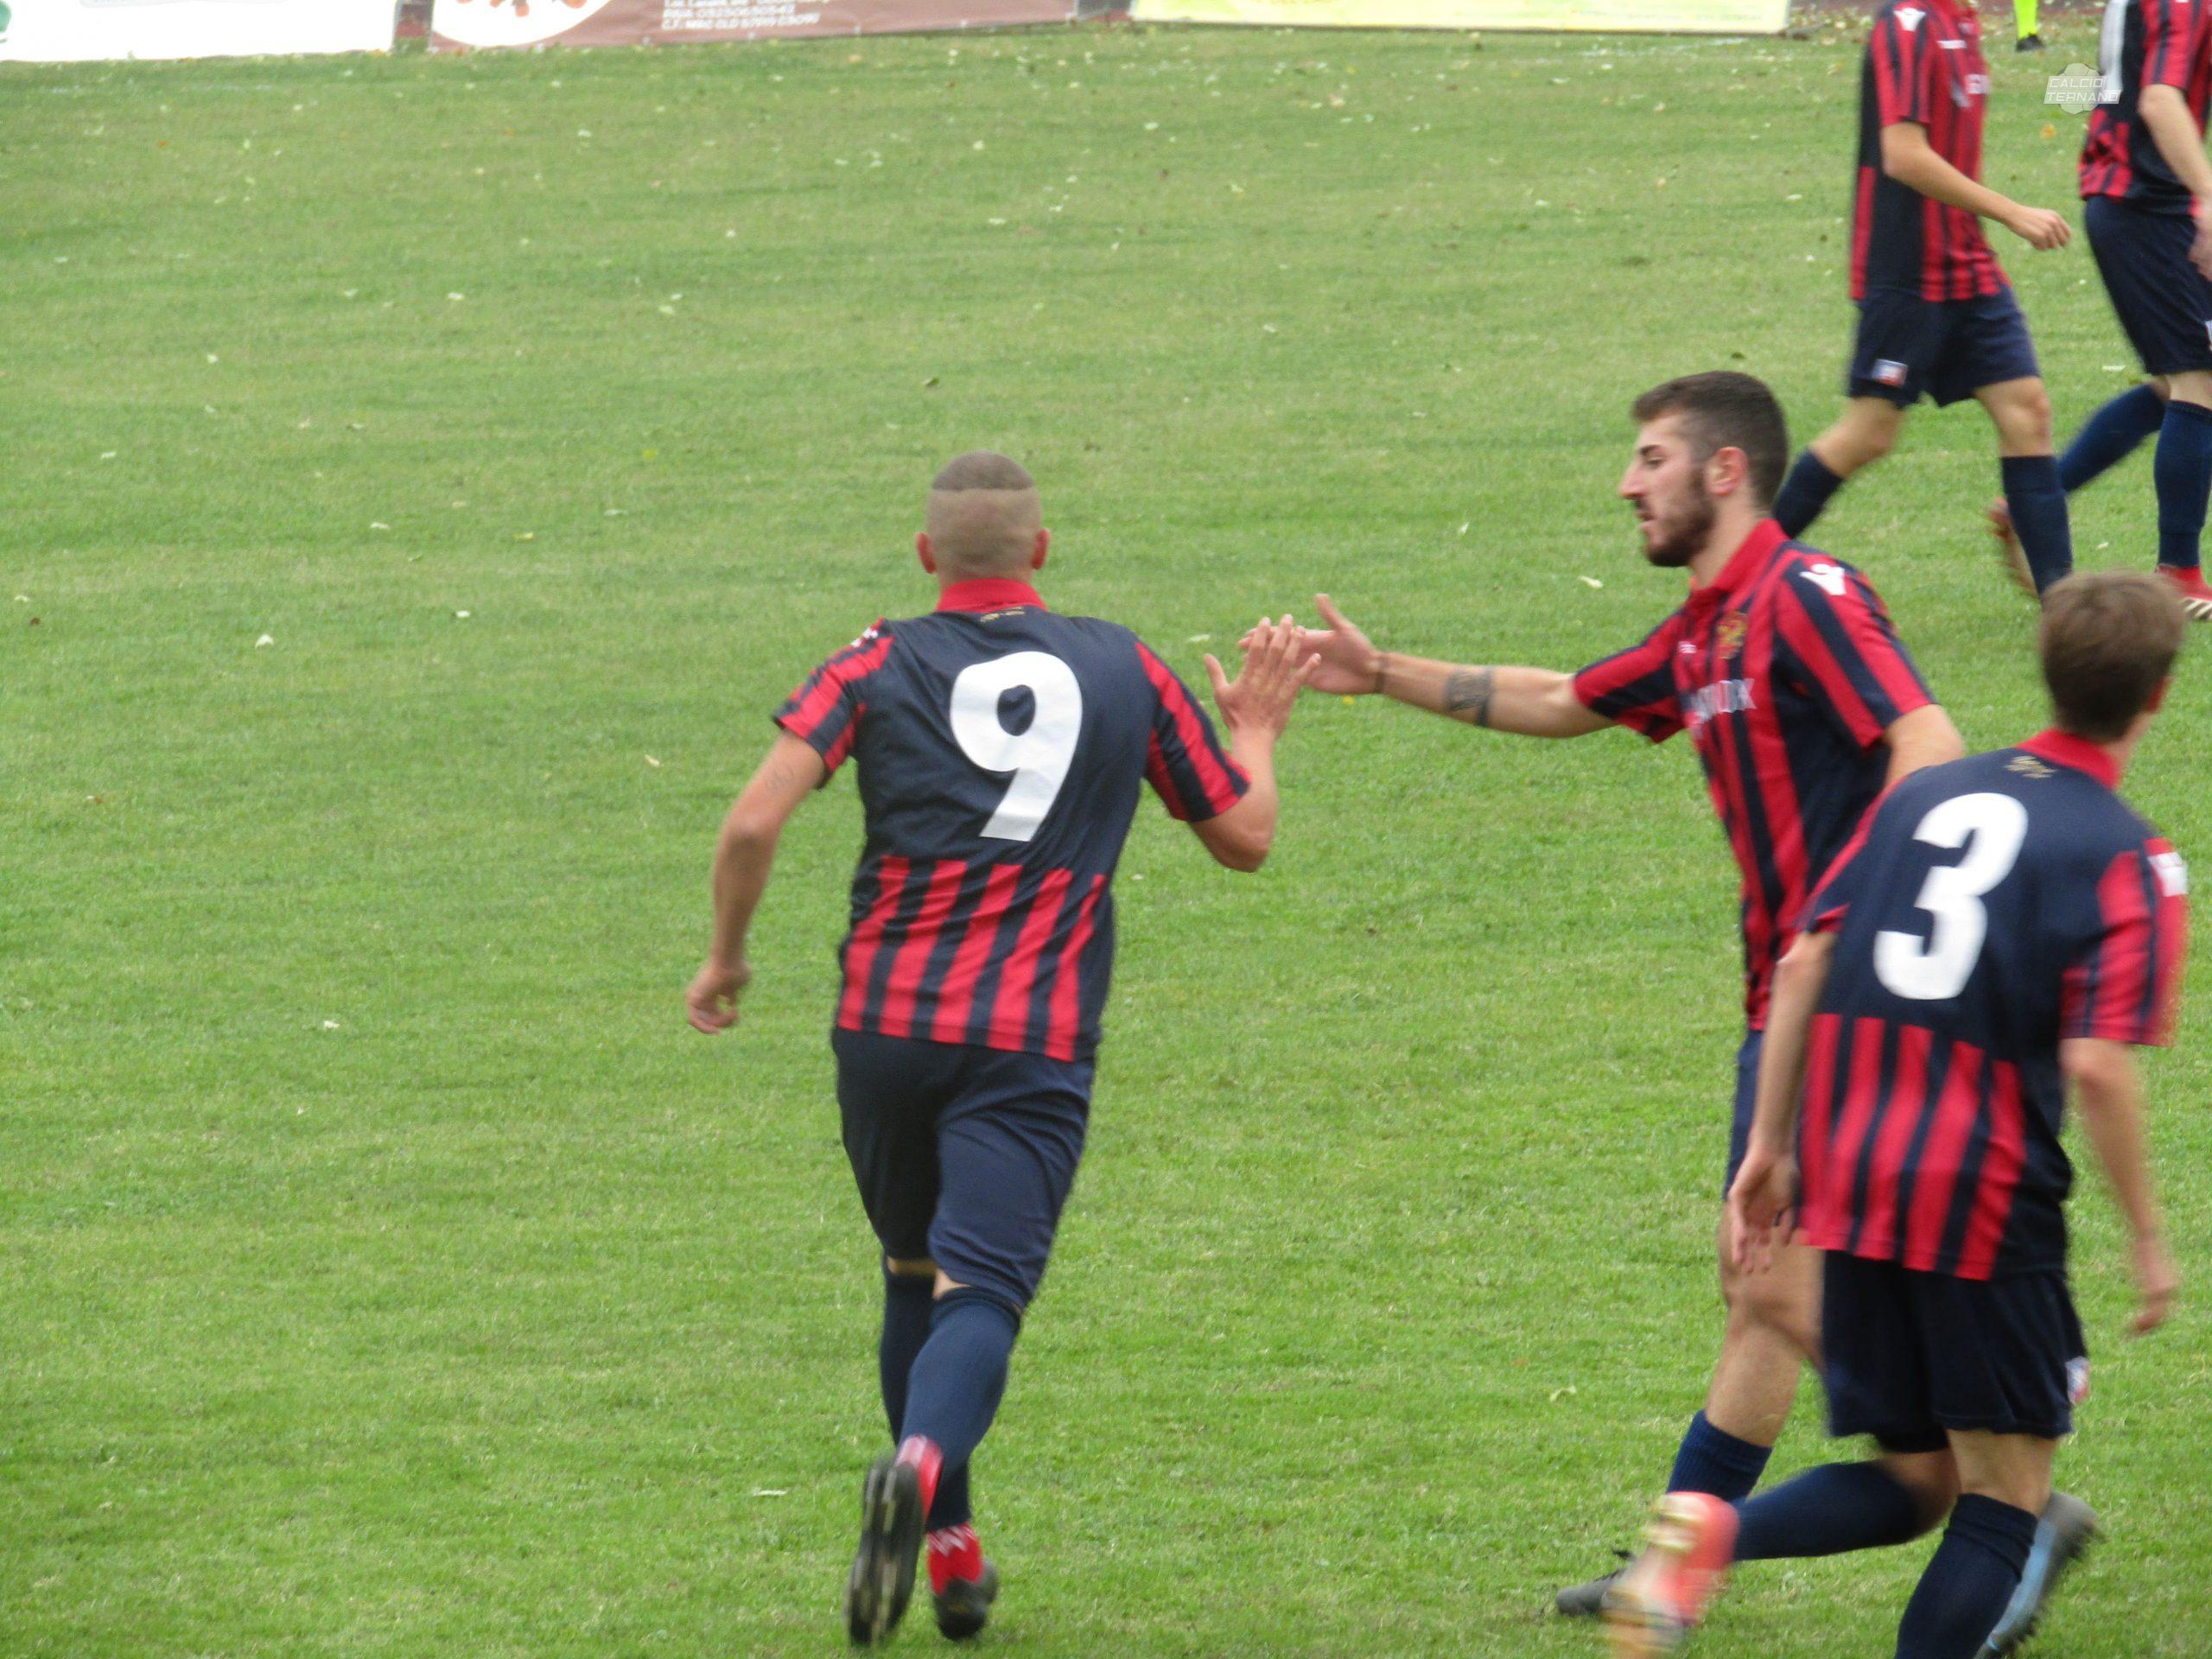 Il gol di Andrea Bagnato in Castiglione del Lago-Narnese